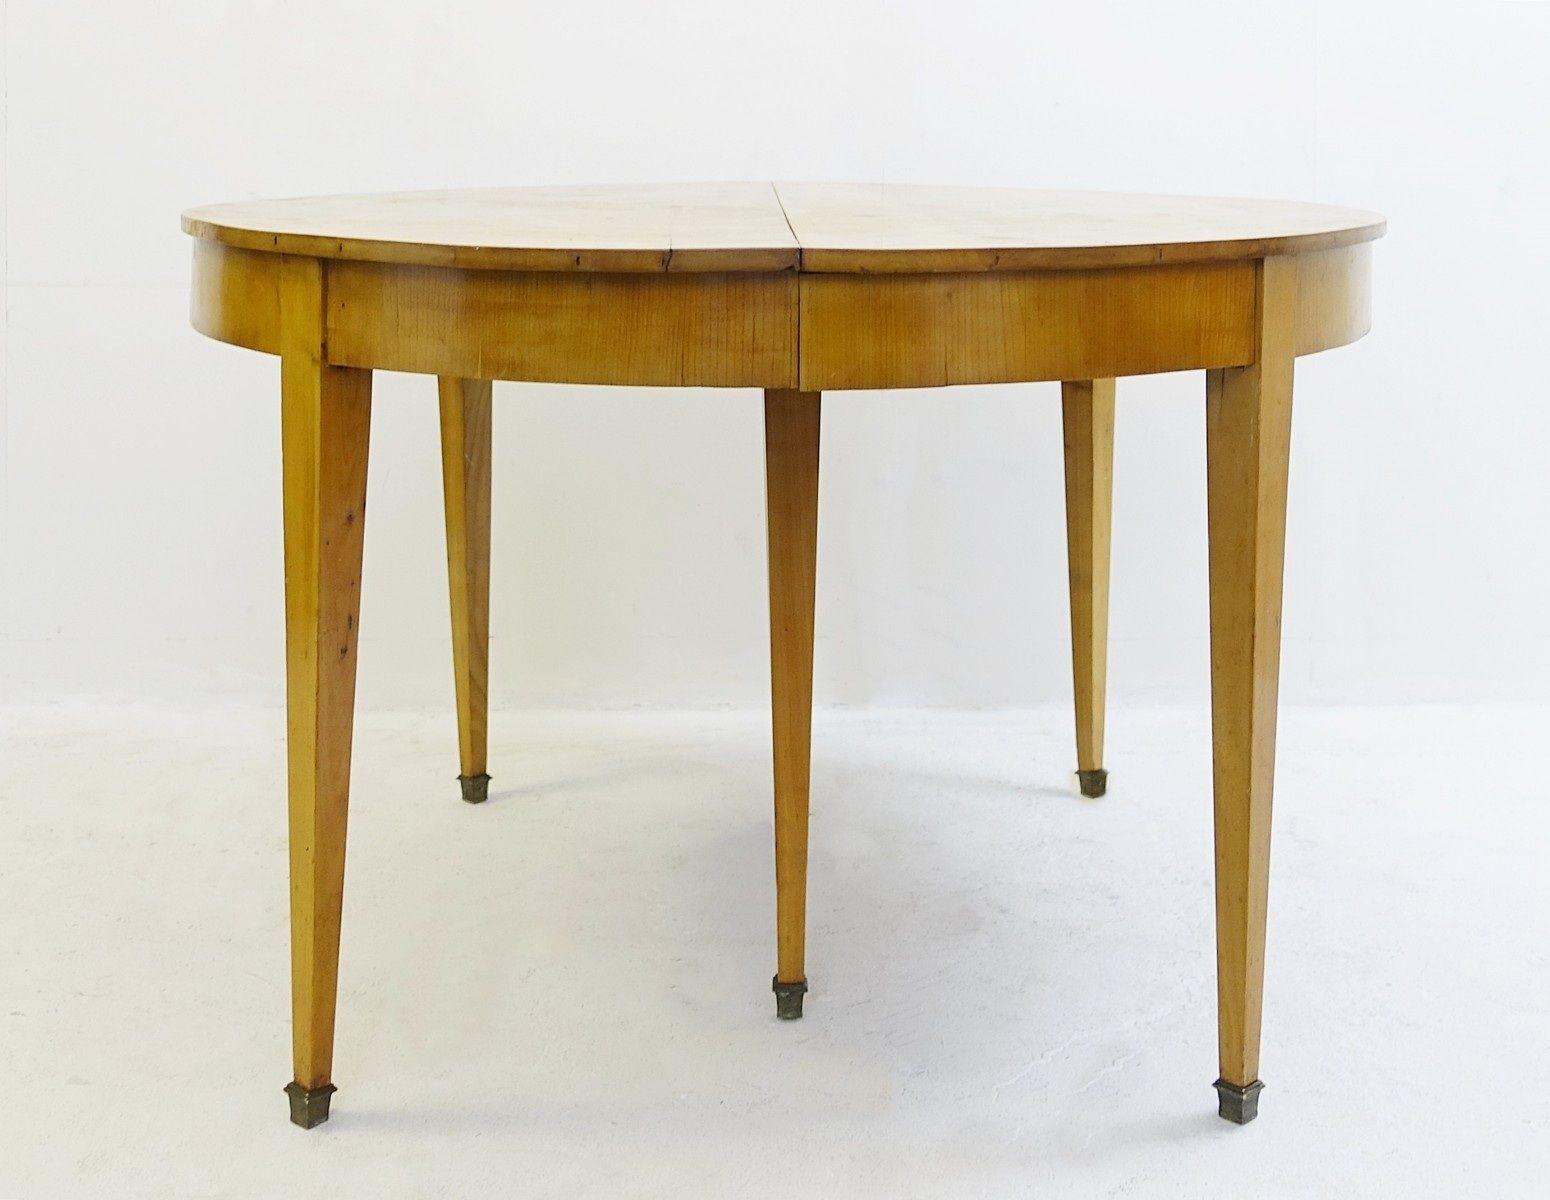 Tavoli Da Pranzo In Legno Allungabili : Tavolo da pranzo allungabile rotondo vintage in legno di ciliegio